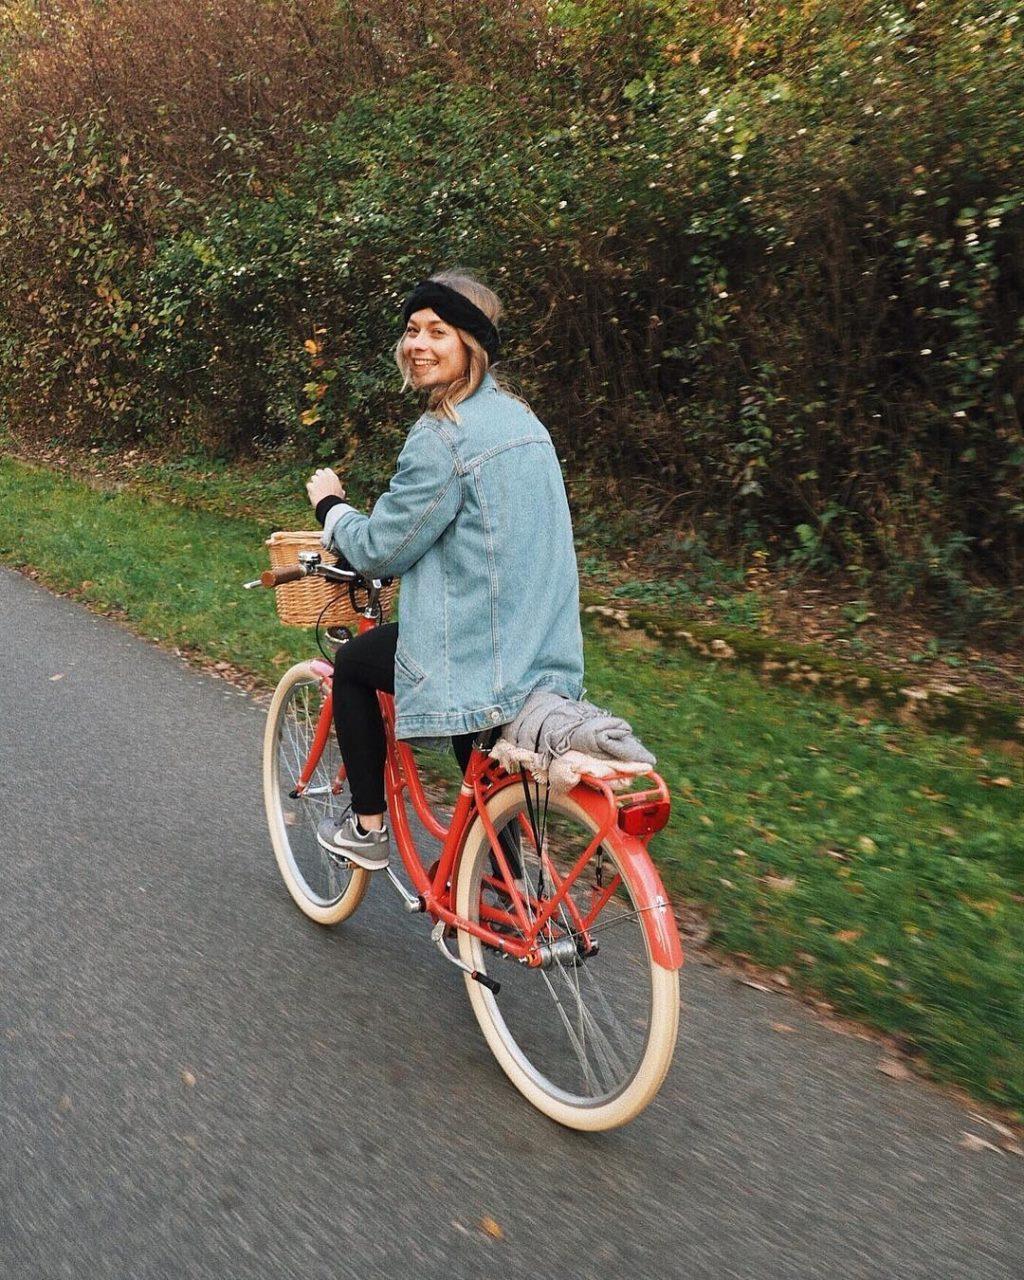 Blogerka Terezen občas jezdí v Praze na kole